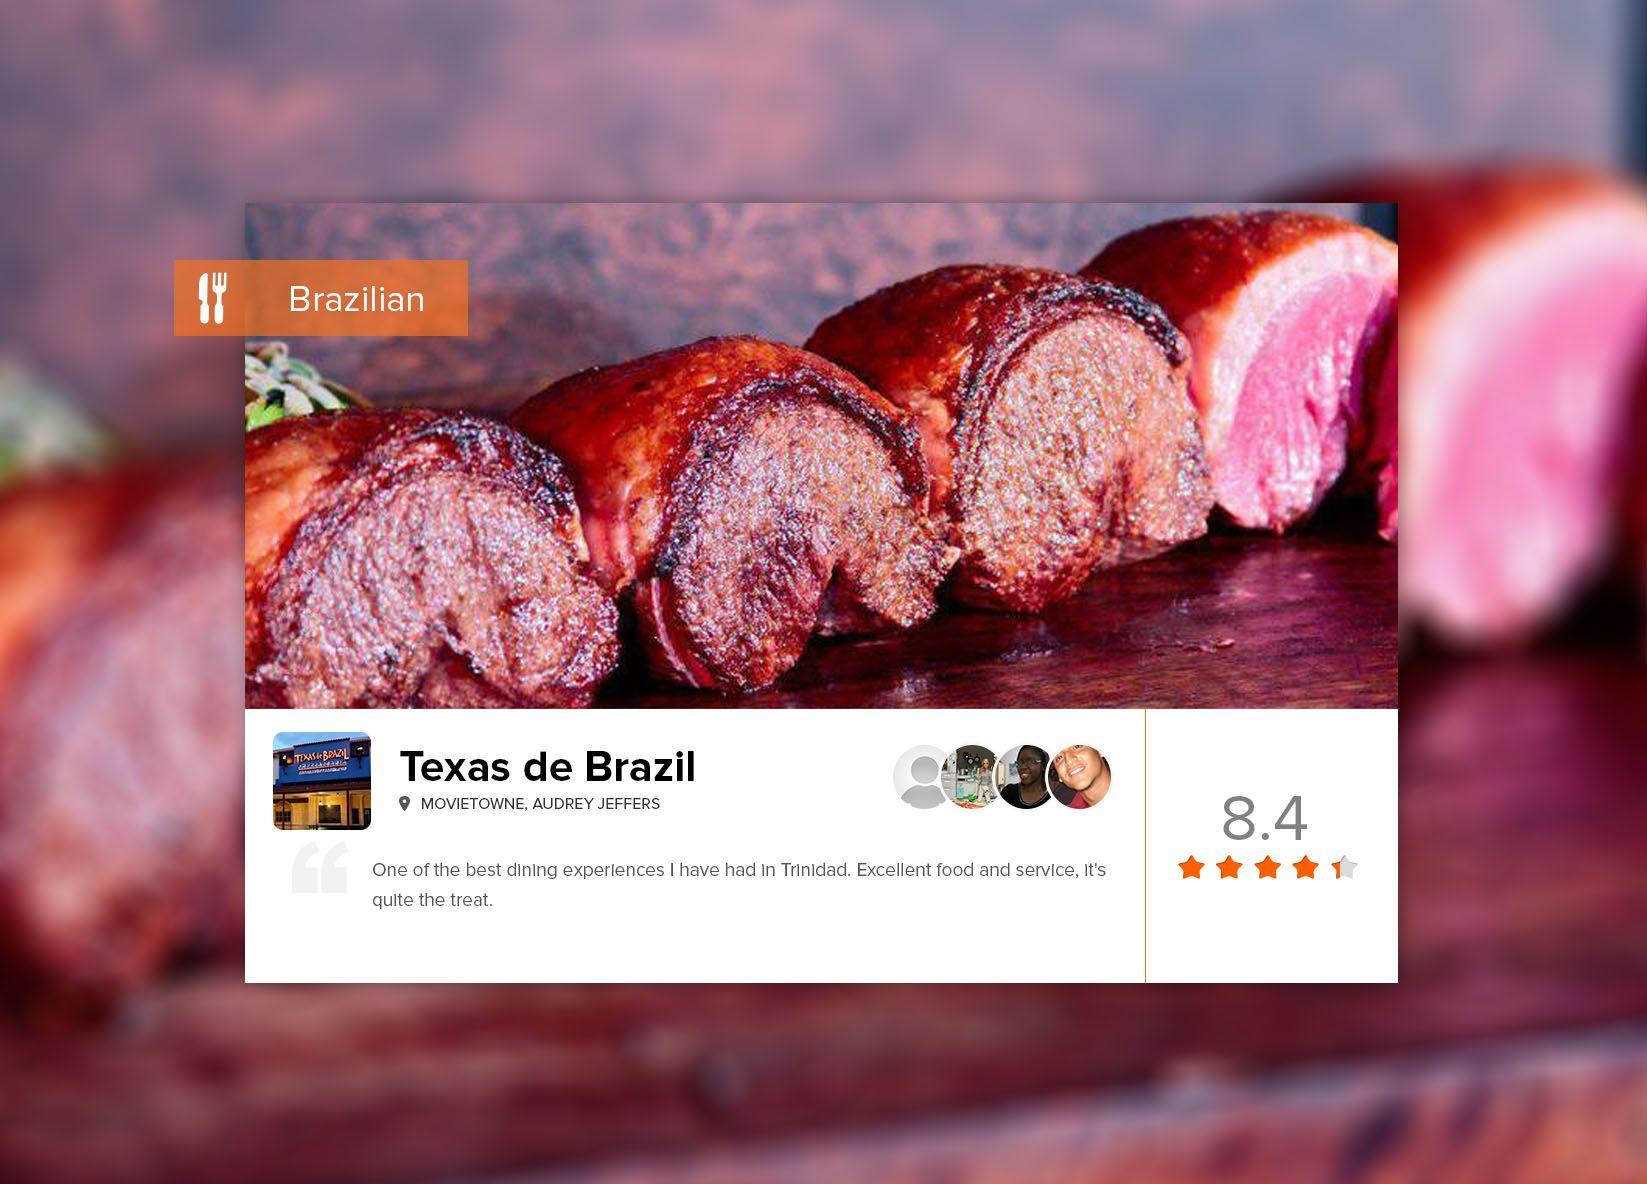 Brazilian churrascaria meets texan steakhouse meets fine